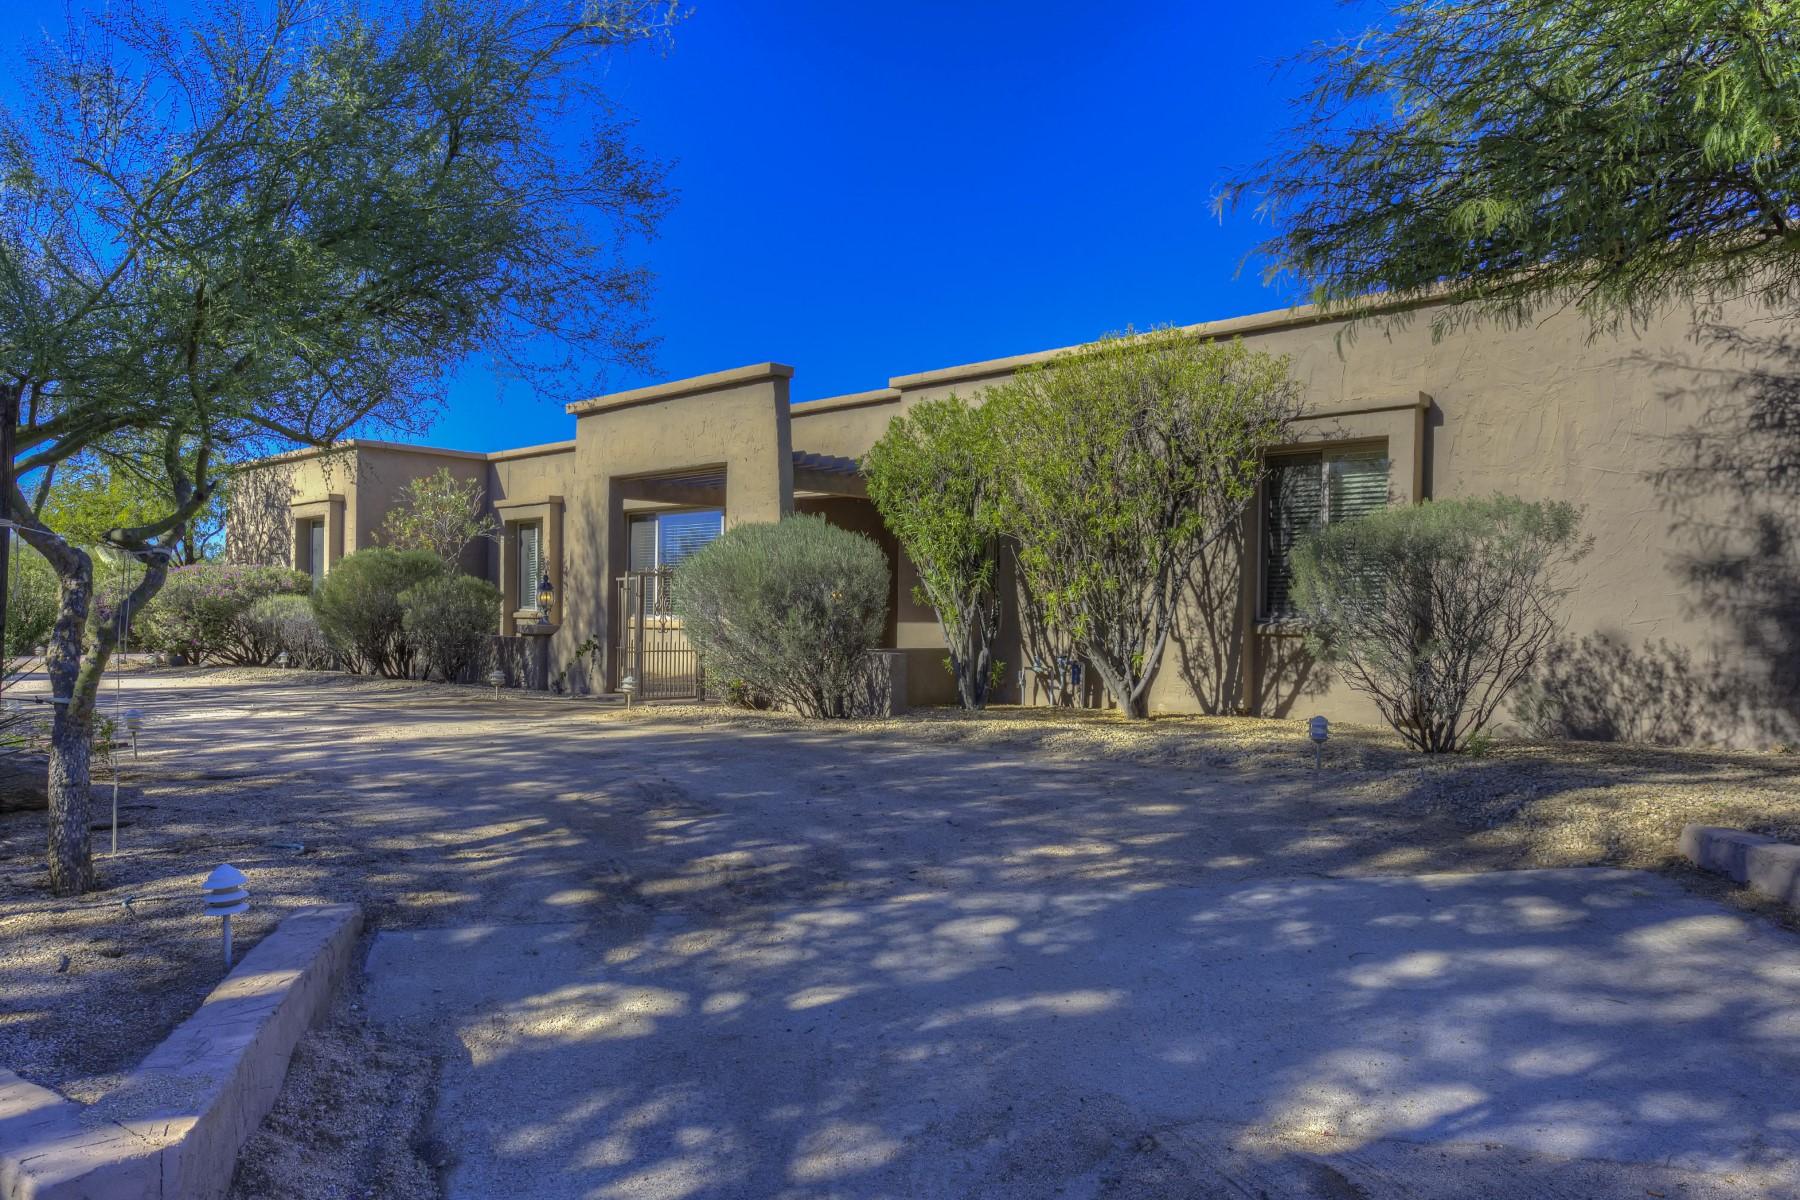 단독 가정 주택 용 매매 에 Charming home in the gated subdivision of Pinnacle Peak Estates 2 8028 E Via De Luna Dr Scottsdale, 아리조나, 85261 미국